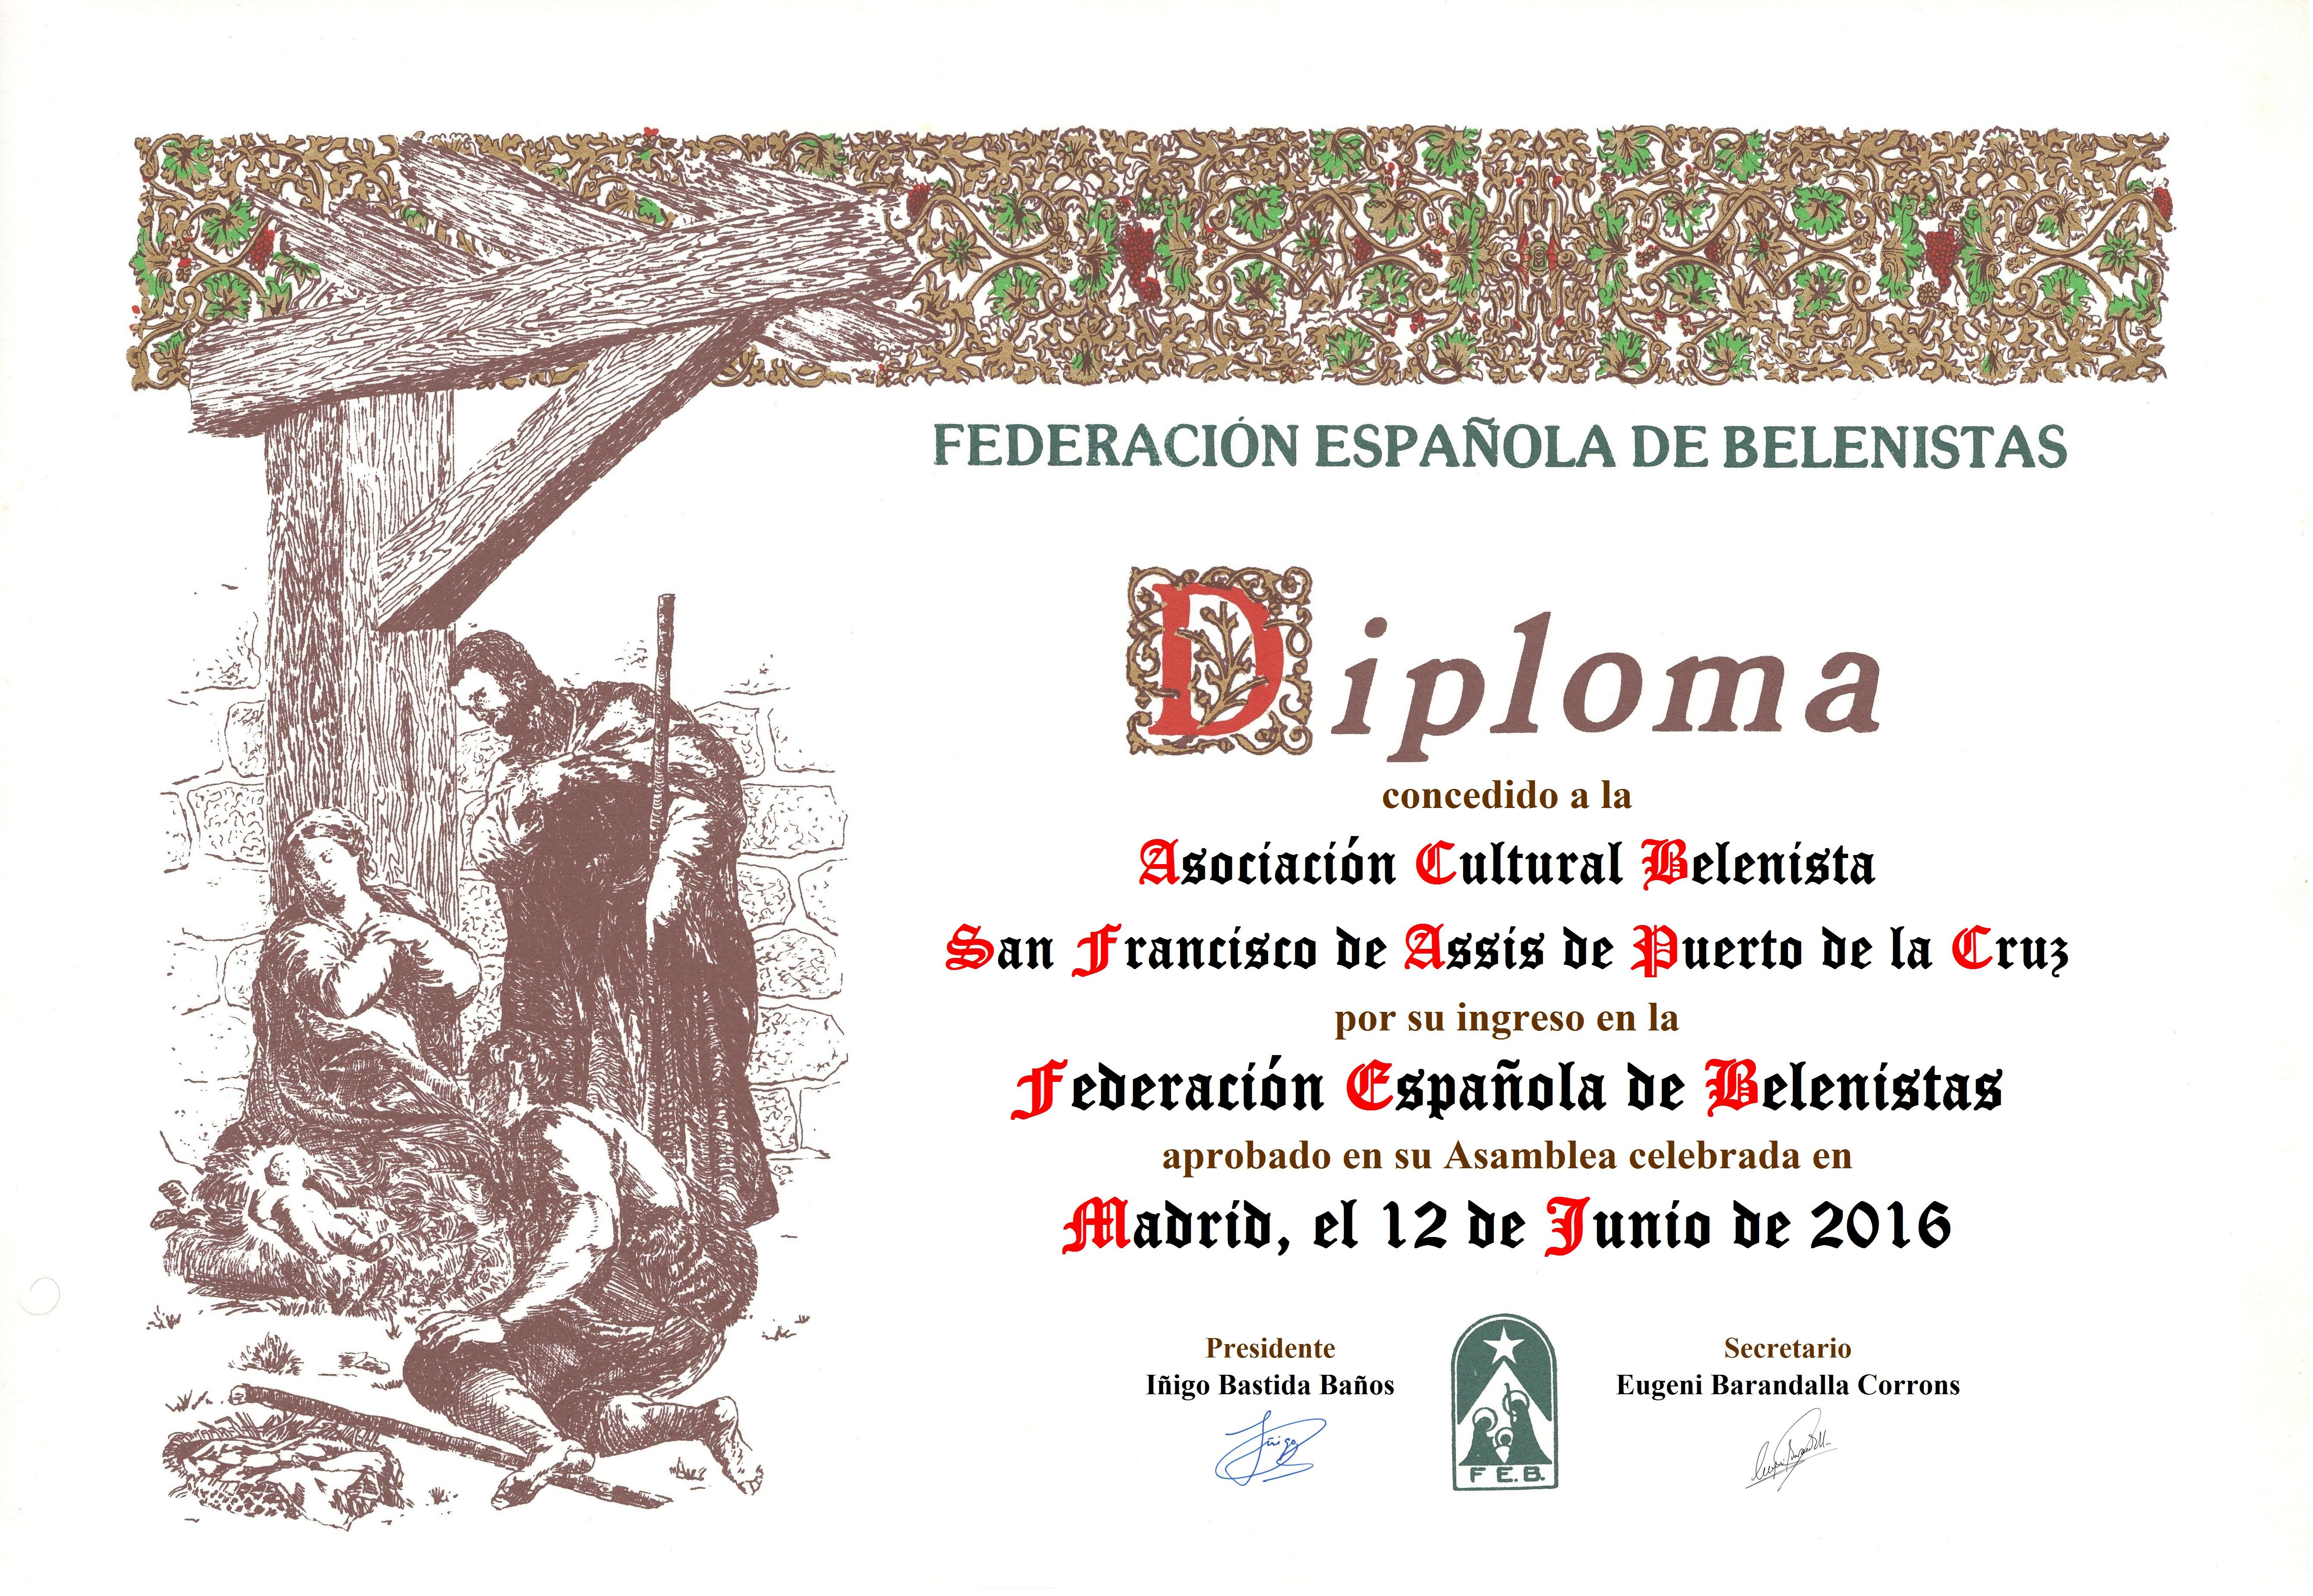 Diploma de entrada en la FEB de la Asociación Cultural Belenista San Francisco de Assis de Puerto de la Cruz